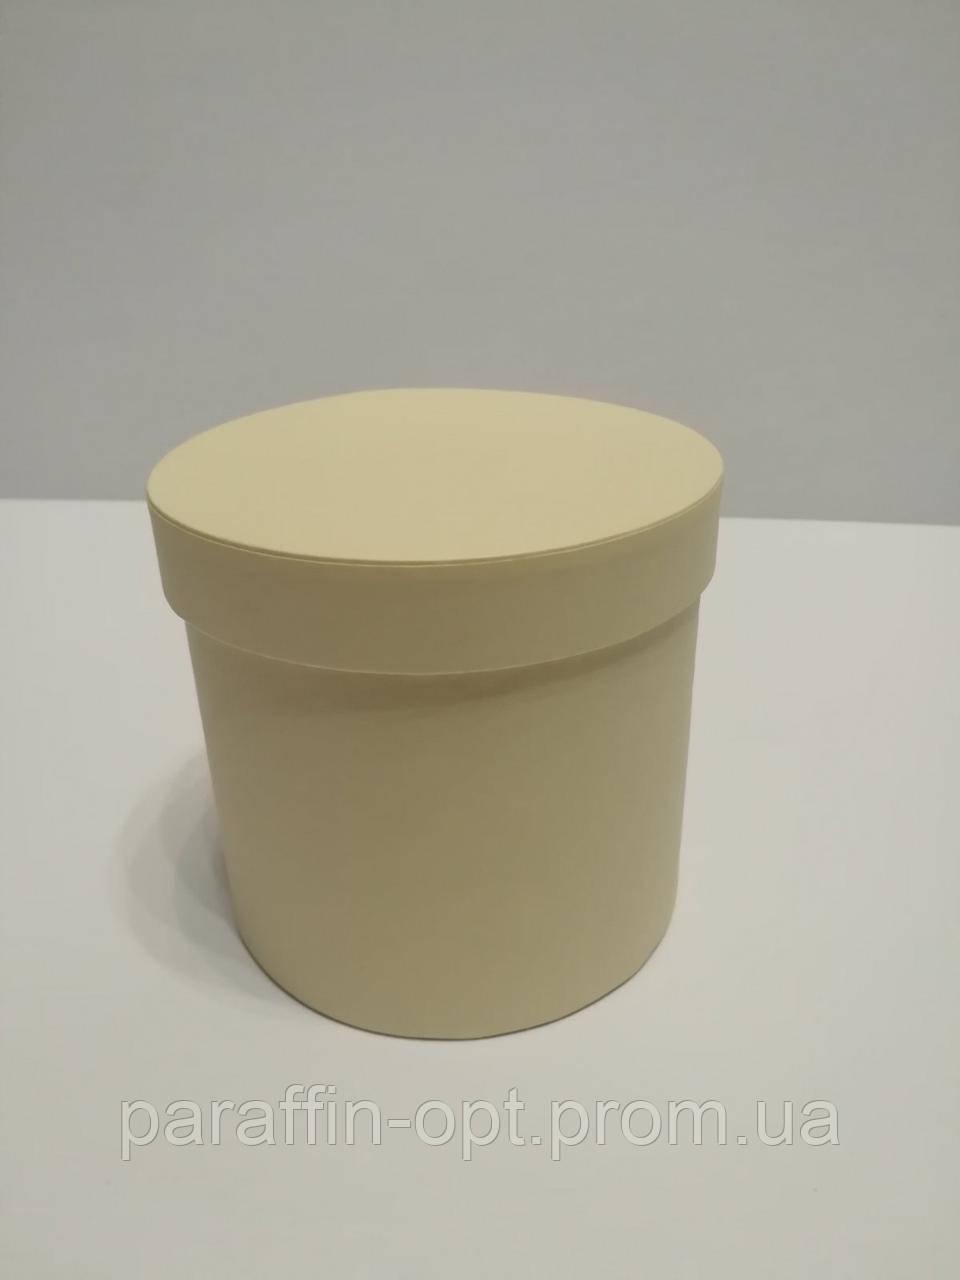 Подарочная коробка в форме шляпы цвет-бледно желтая